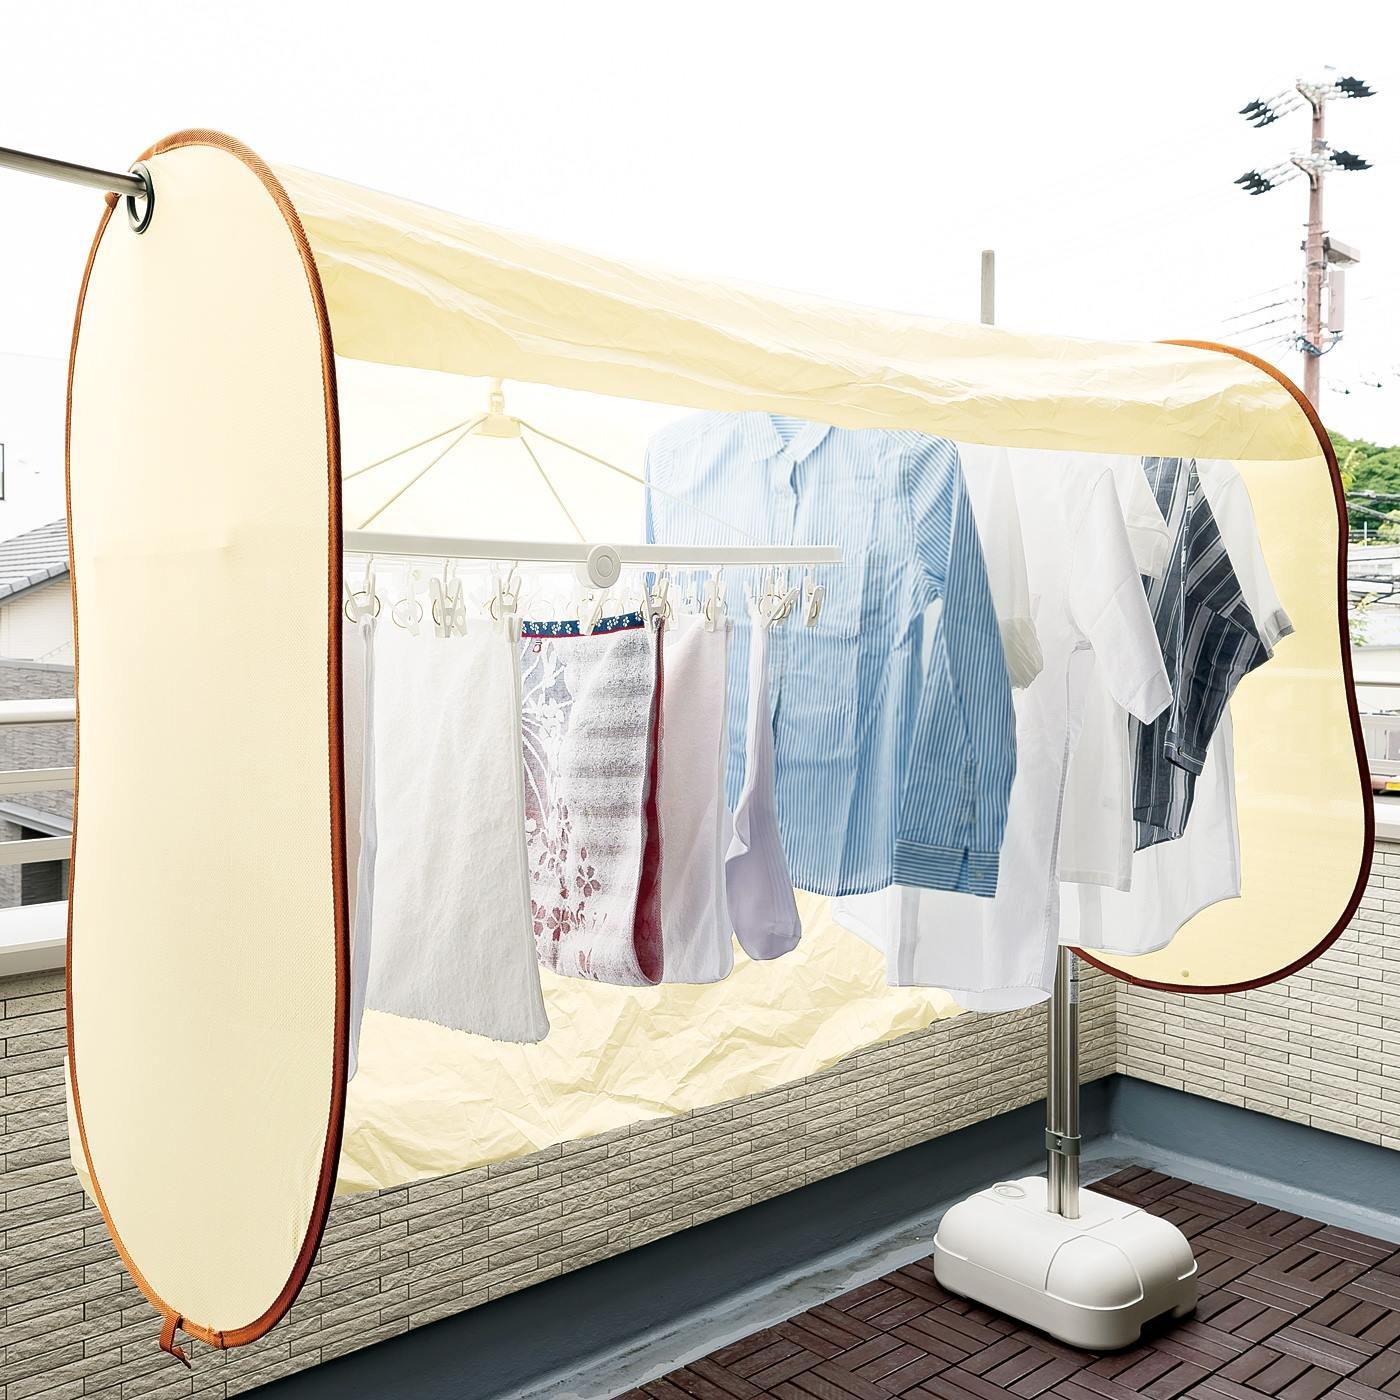 急に降り出す雨から守る たっぷり干せる洗濯物カバー